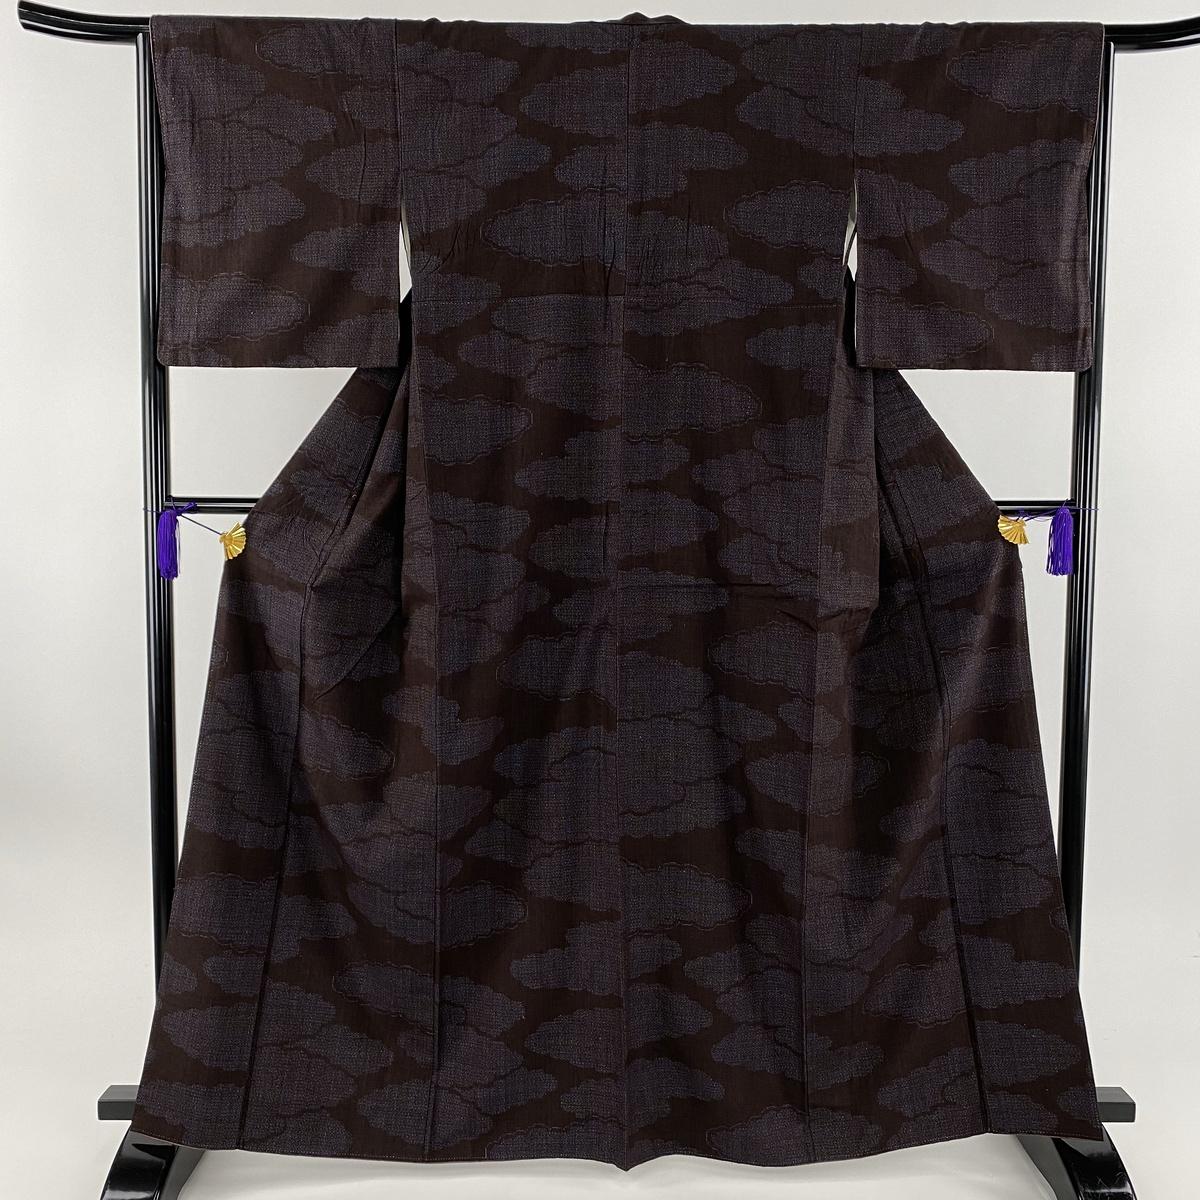 紬 美品 名品 雲 亀甲絣 濃紫 袷 身丈164cm 裄丈65cm M 正絹 【中古】